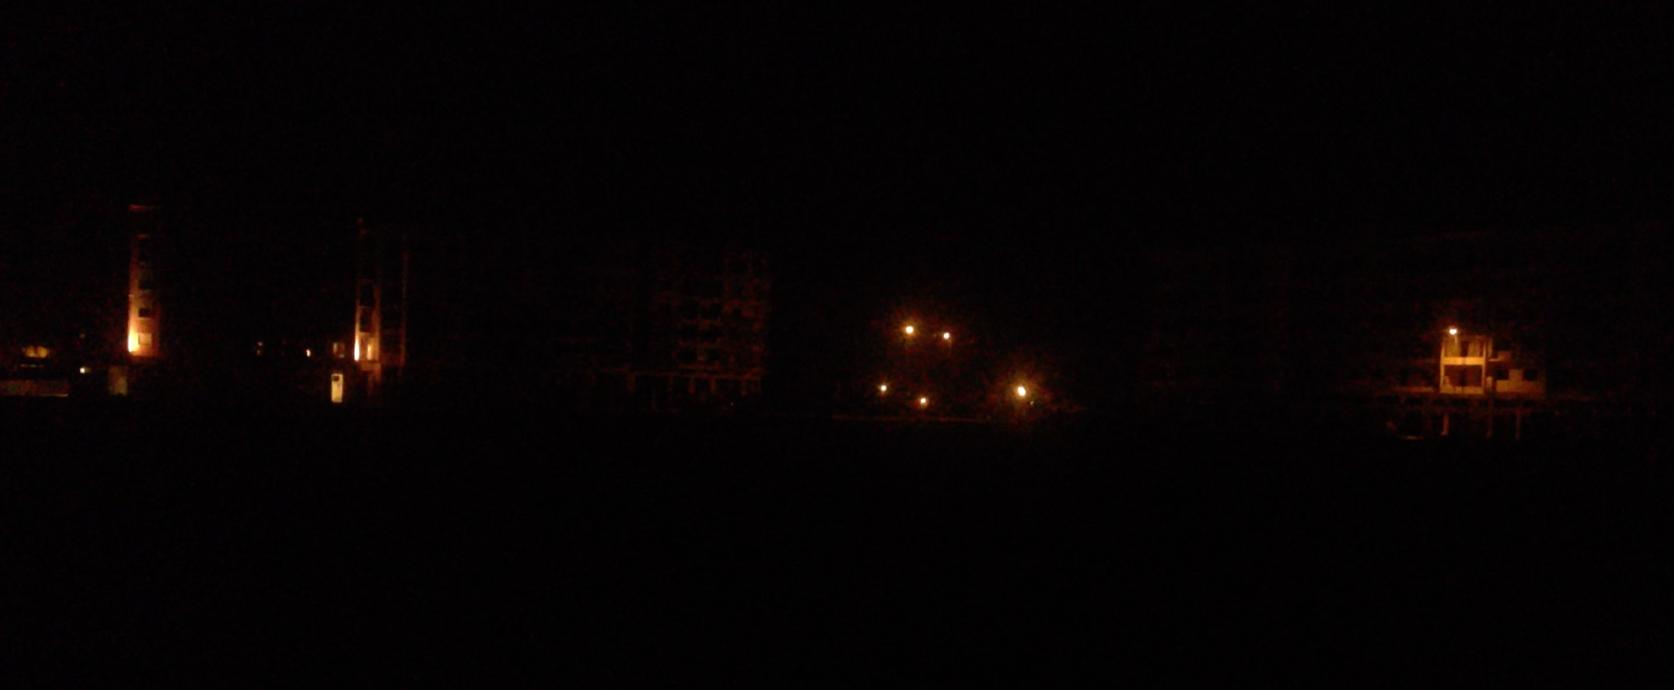 日没後のマラケシュをONCFの車窓から